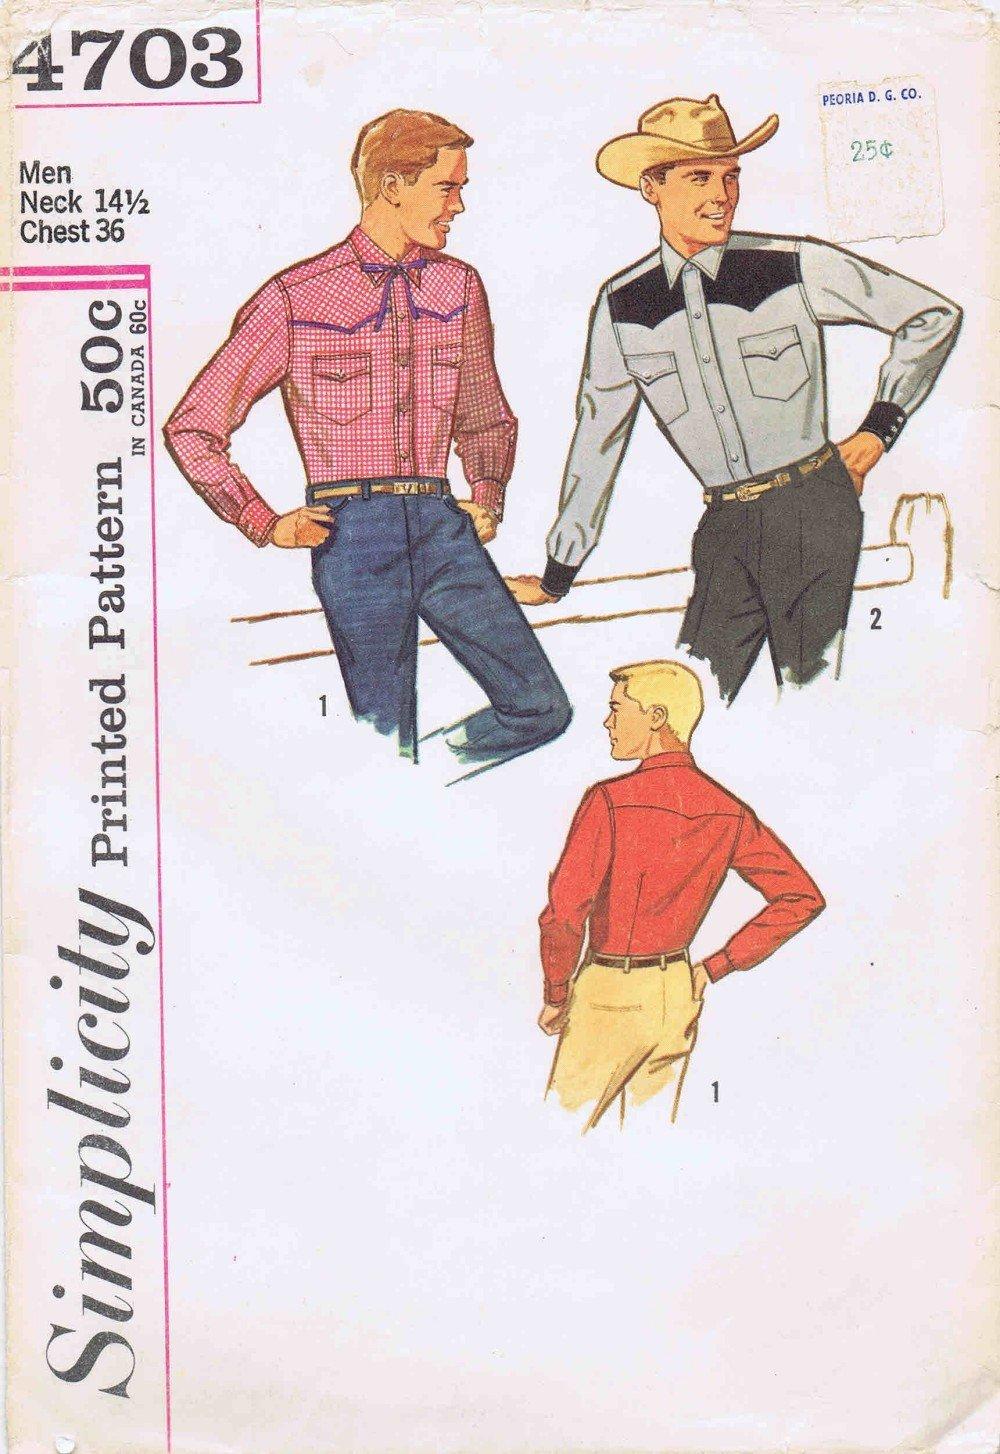 1960s - Camisa para hombre, ajustada, estilo vintage, talla 4703 ...